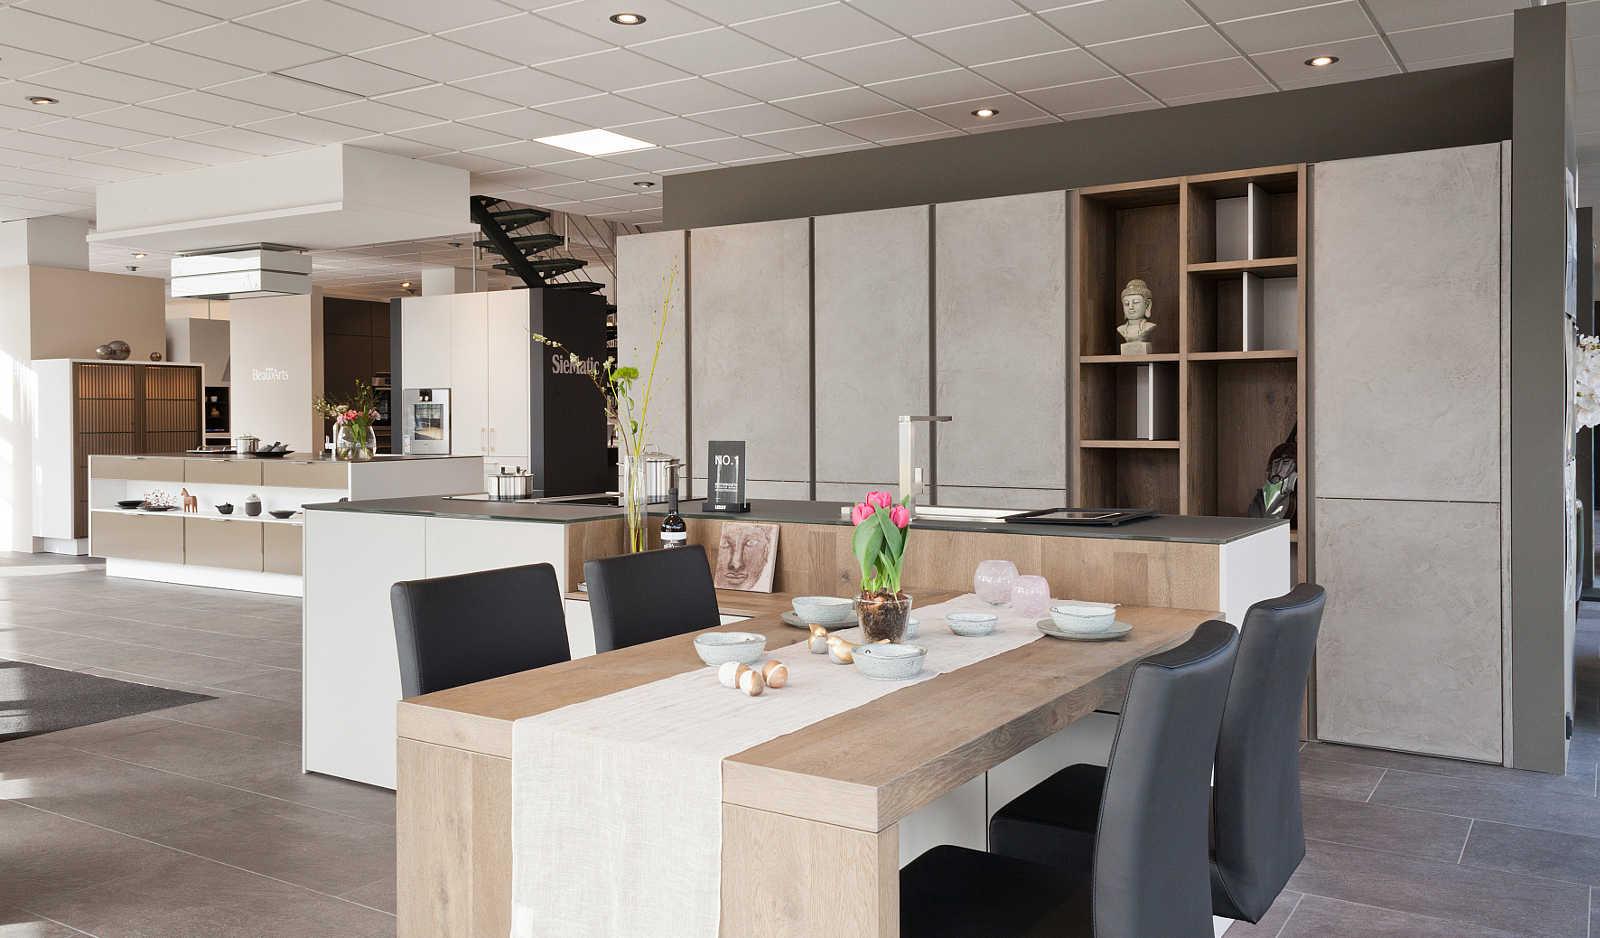 Küchenstudio Bonn küchenausstellung küchen galerie bonn